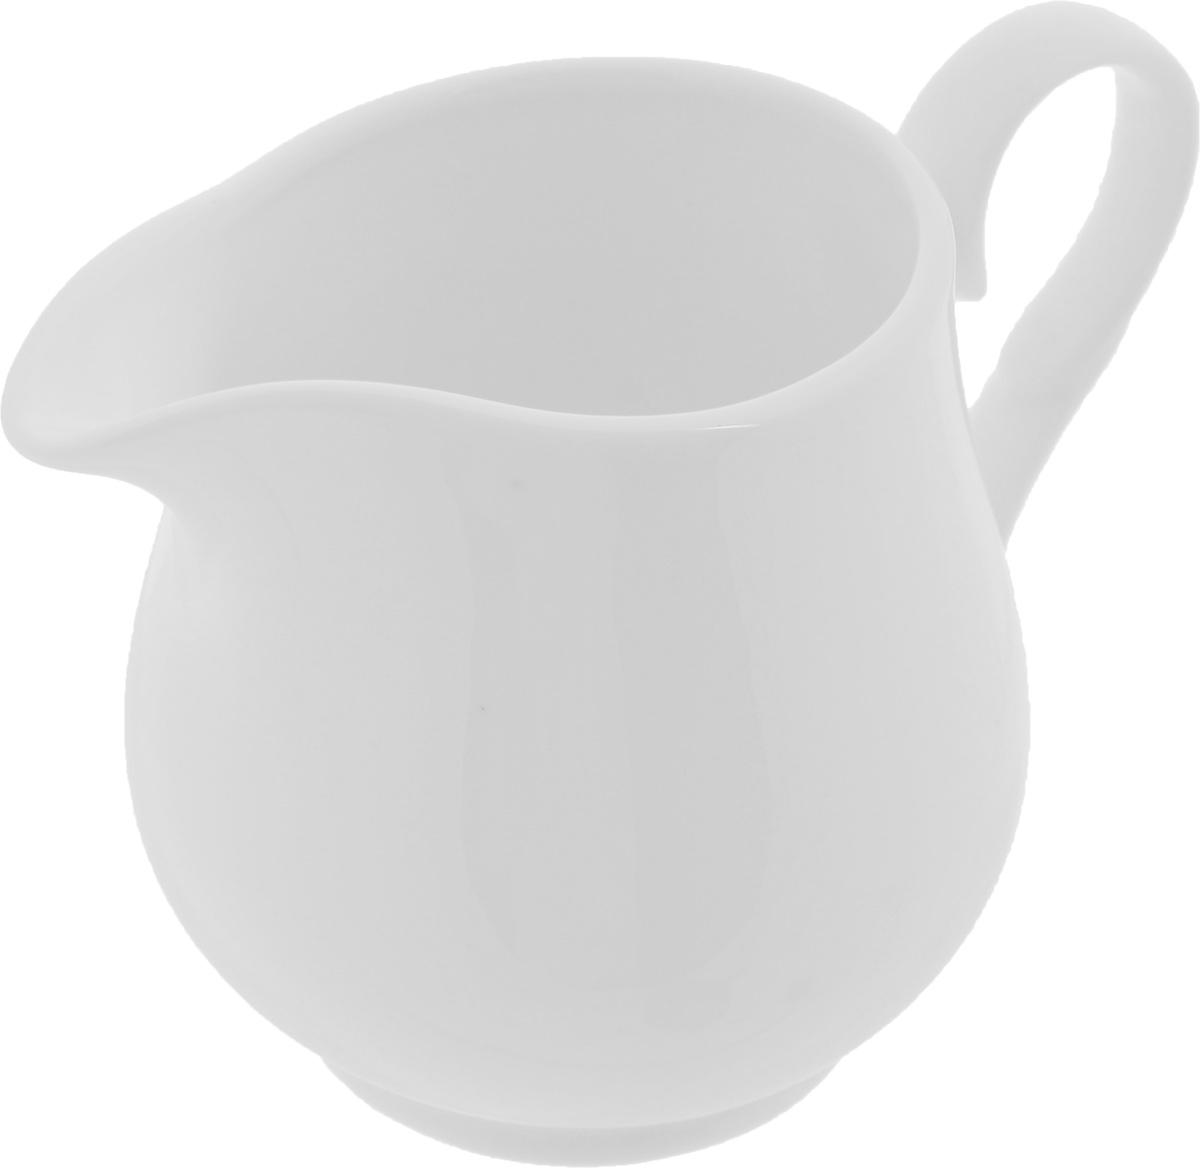 Молочник Wilmax, 300 мл115510Элегантный молочник Wilmax, выполненный из высококачественного фарфора с глазурованным покрытием, предназначен для подачи сливок, соуса и молока. Изящный, но в тоже время простой дизайн молочника, станет прекрасным украшением стола. Диаметр молочника по верхнему краю: 6,2 см.Диаметр основания: 5,5 см. Высота молочника: 9 см.